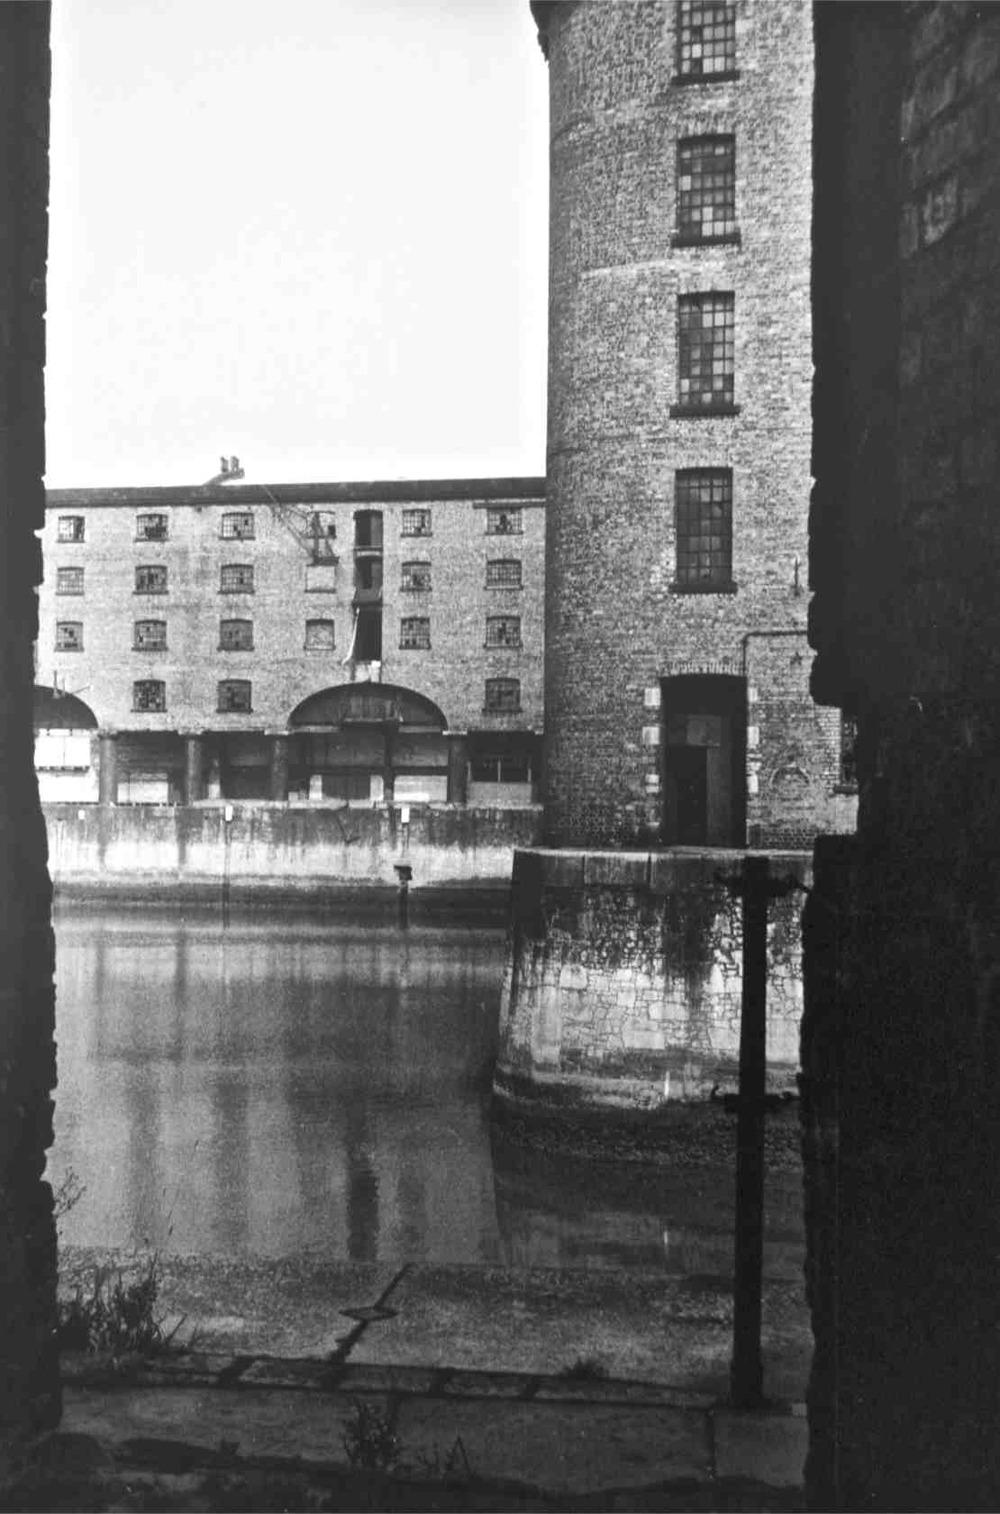 Albert Docks 3